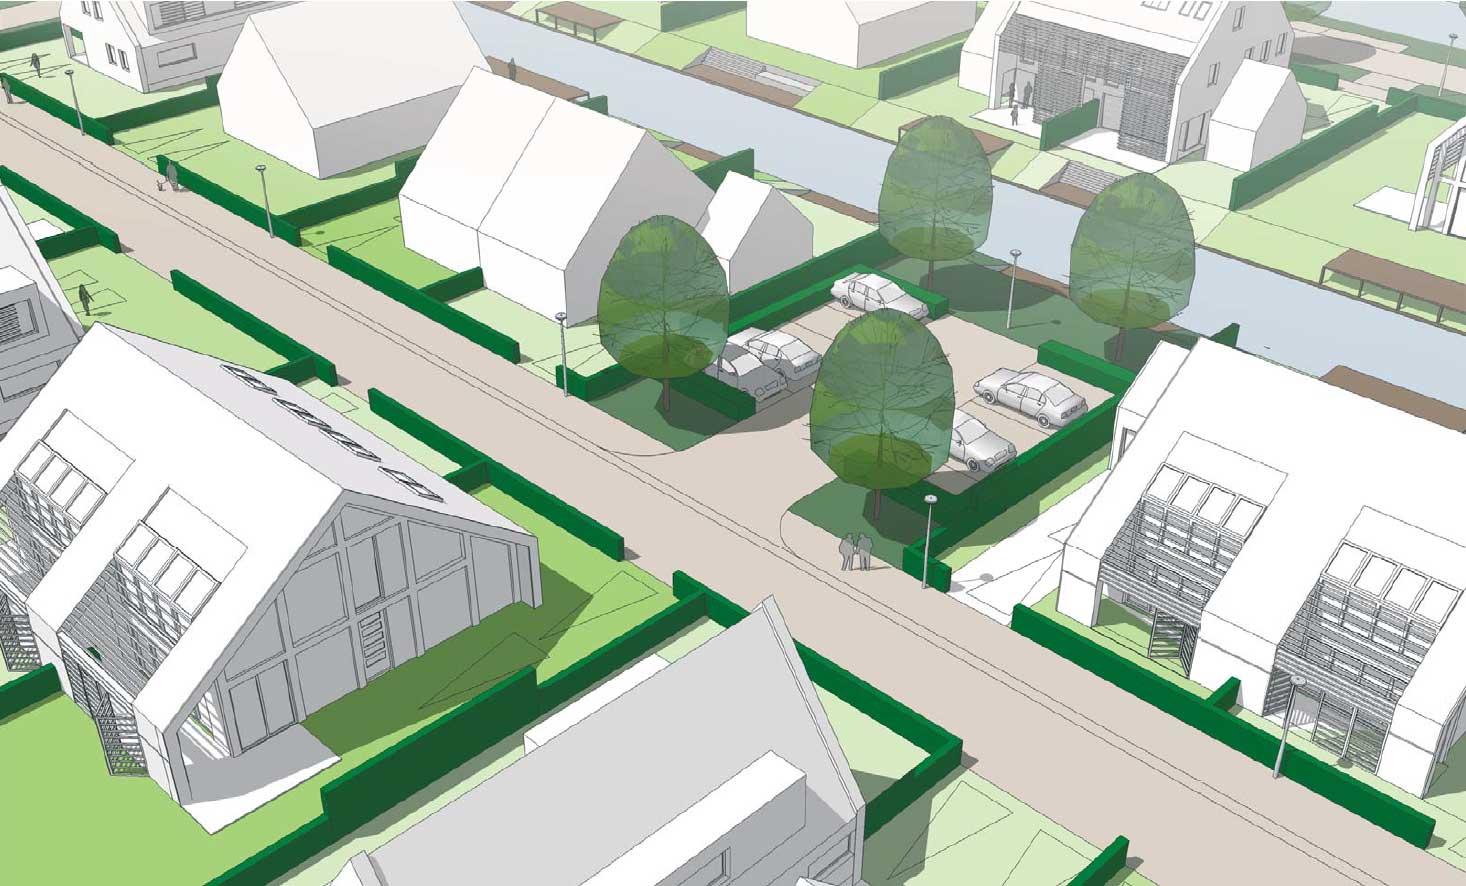 impressie parkeren - woonwijk De Wadde Plasweg Waddinxveen